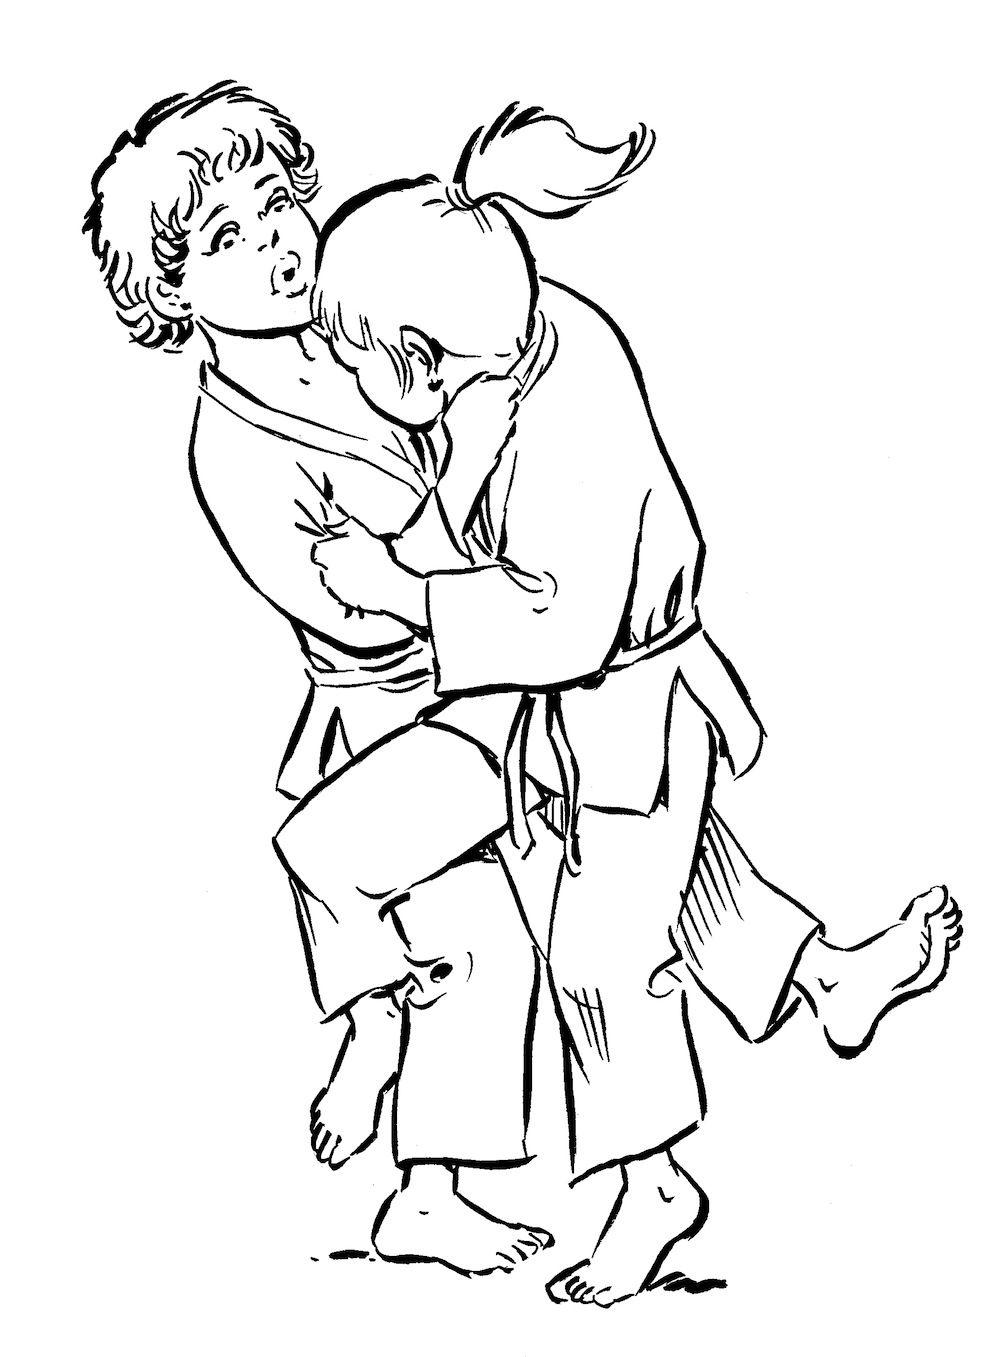 Blanco Celeste O Goshi Gran Cadera O Soto Otoshi Gran Caida Por El Exterior Koshi Guruma Rueda Sobre L Ninos Puntos De Presion Combate Cuerpo A Cuerpo